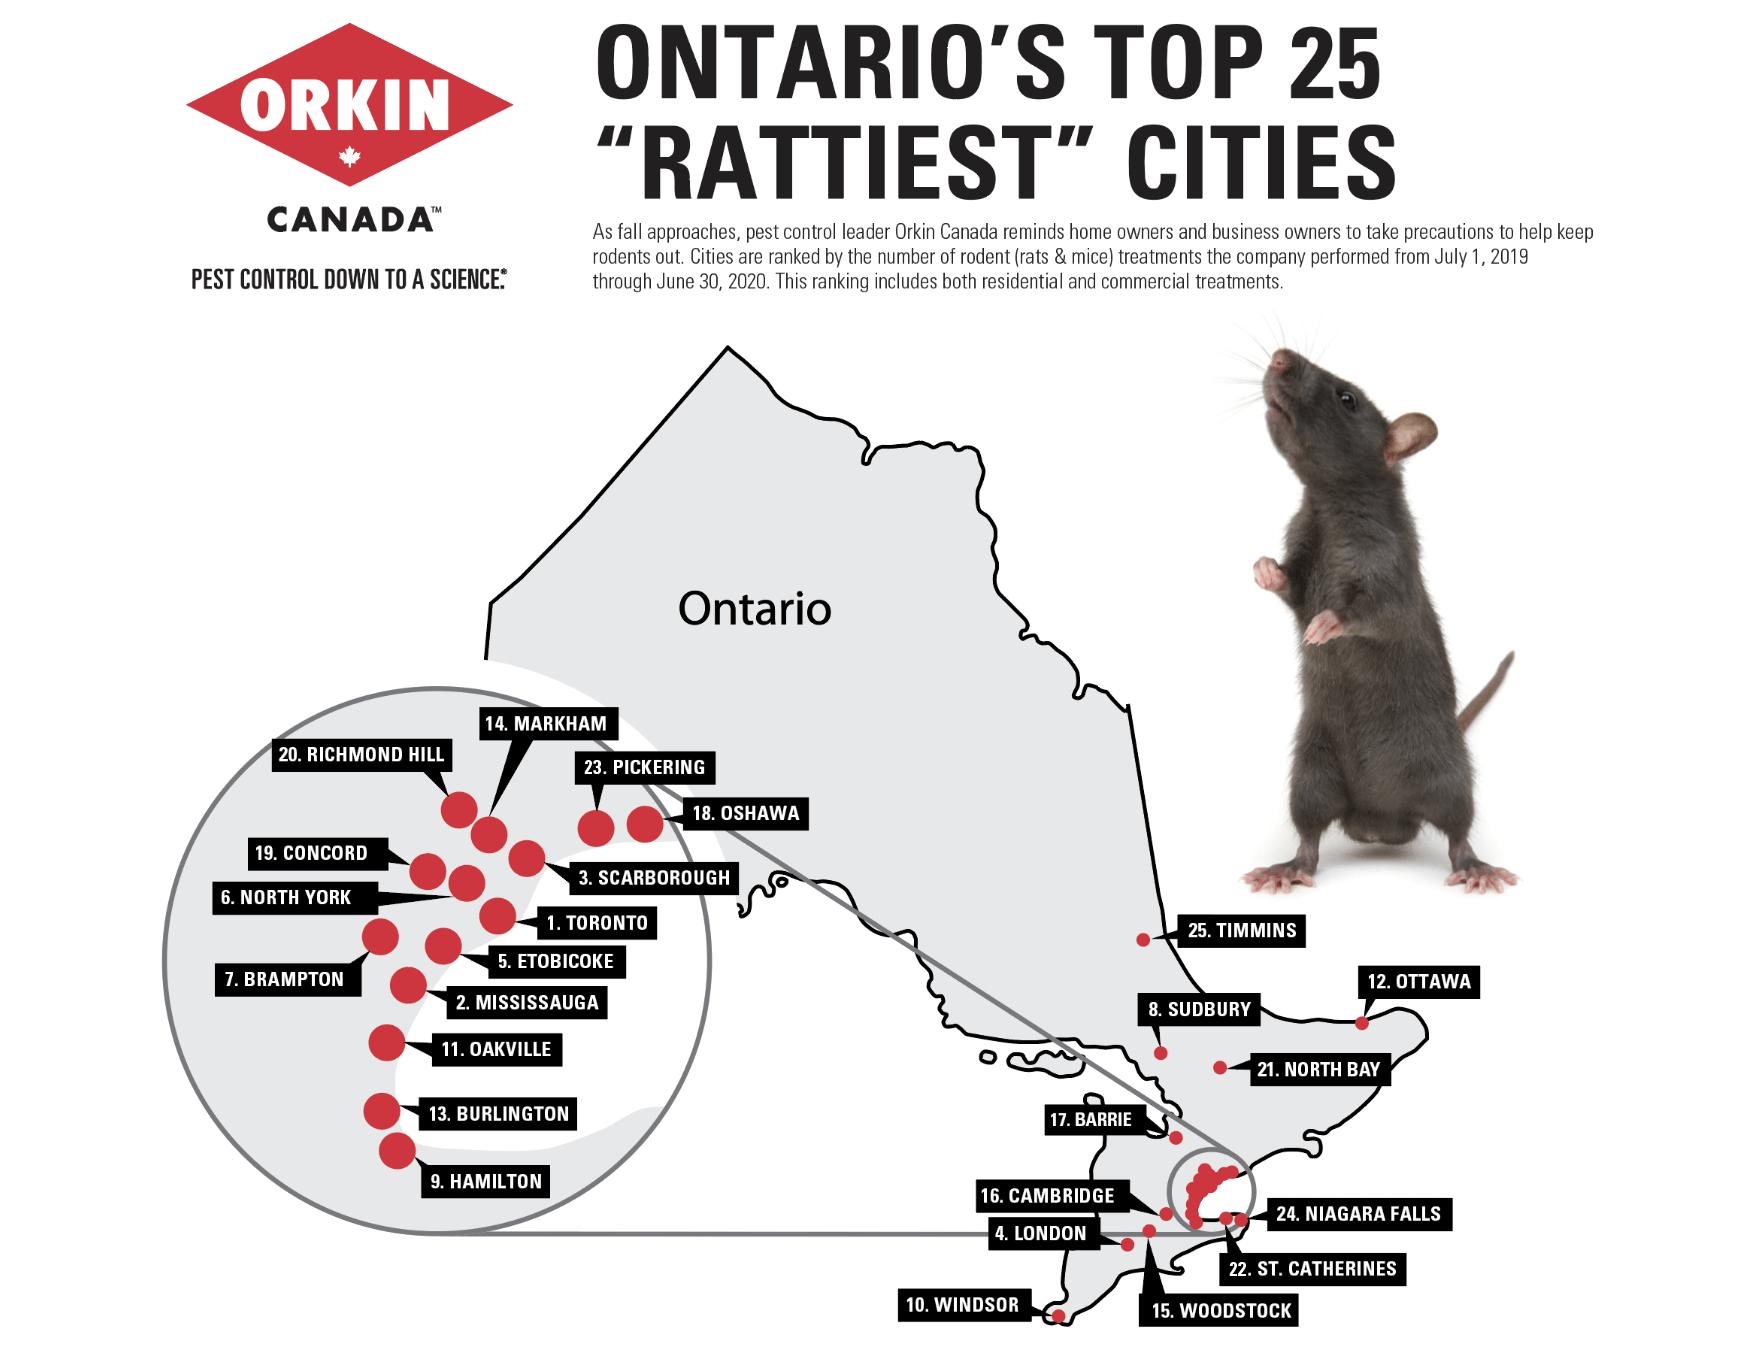 Ontario top 25 rattiest cities infographic